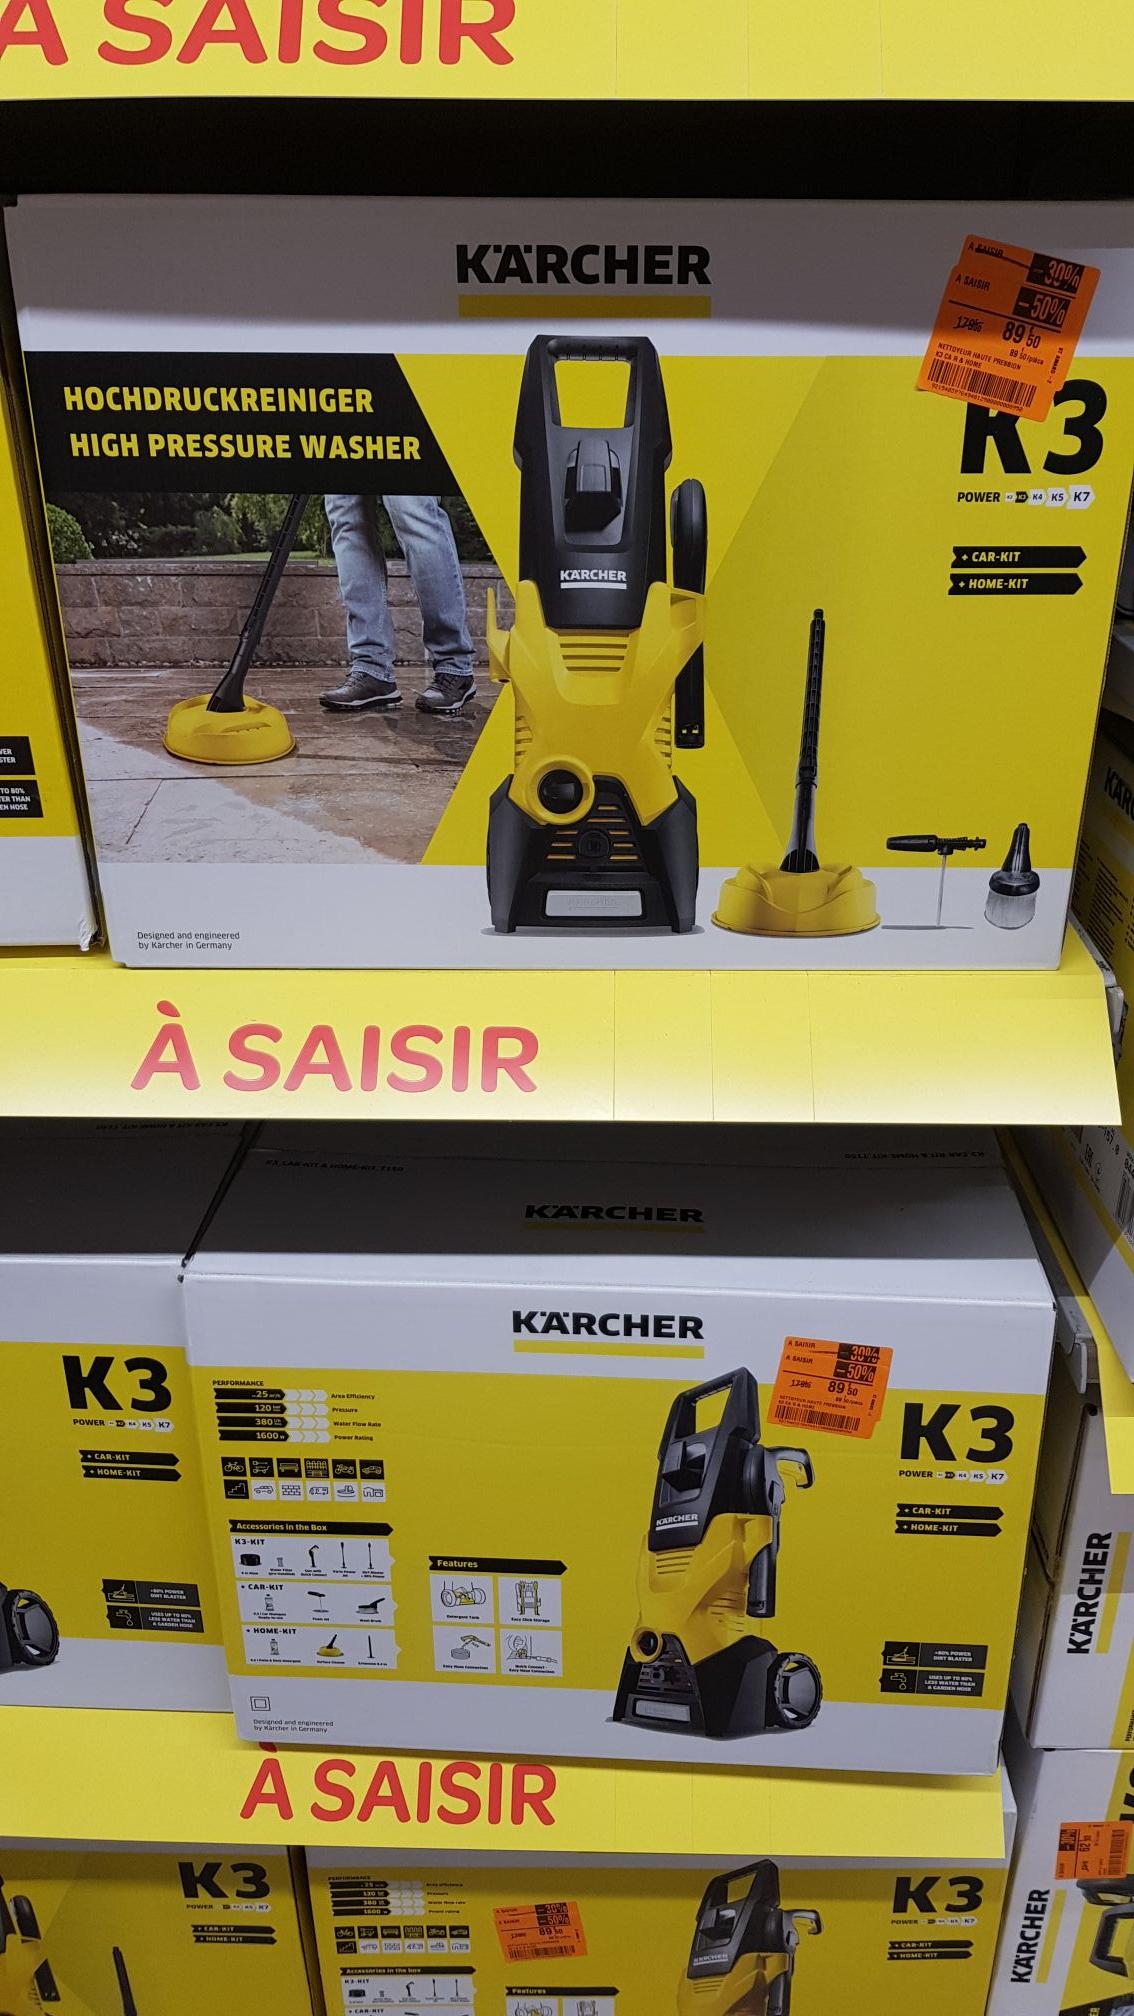 Nettoyeur haute pression Karcher K3 - Carrefour market Saint Amand (50)